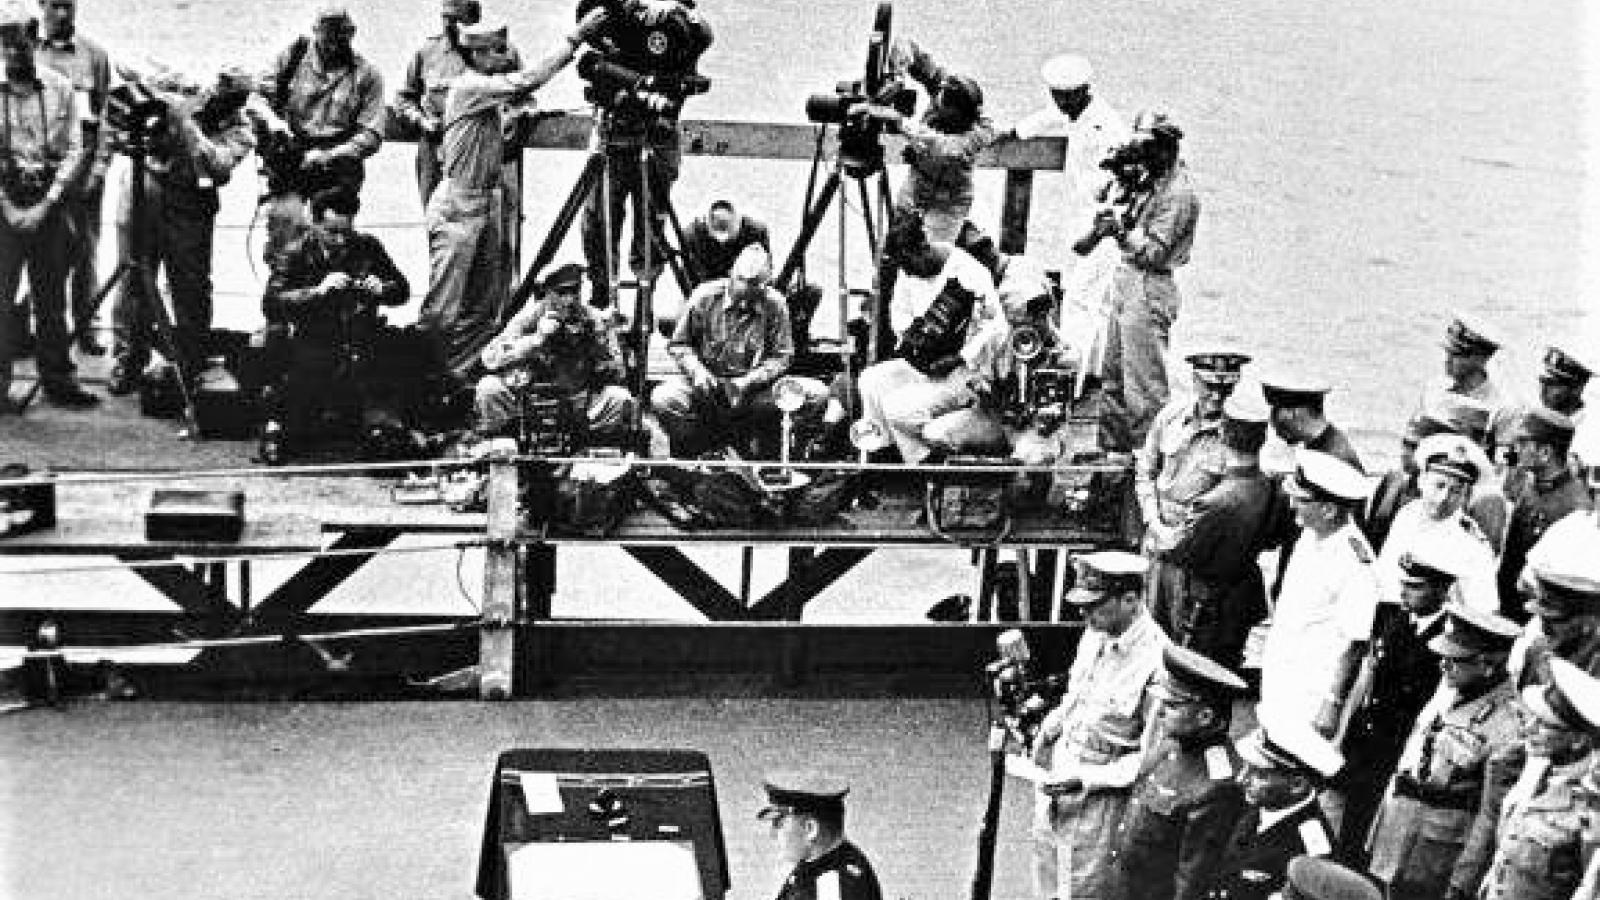 Nga khôi phục lễ kỷ niệm ngày chiến thắng Nhật Bản, kết thúc Thế chiến II